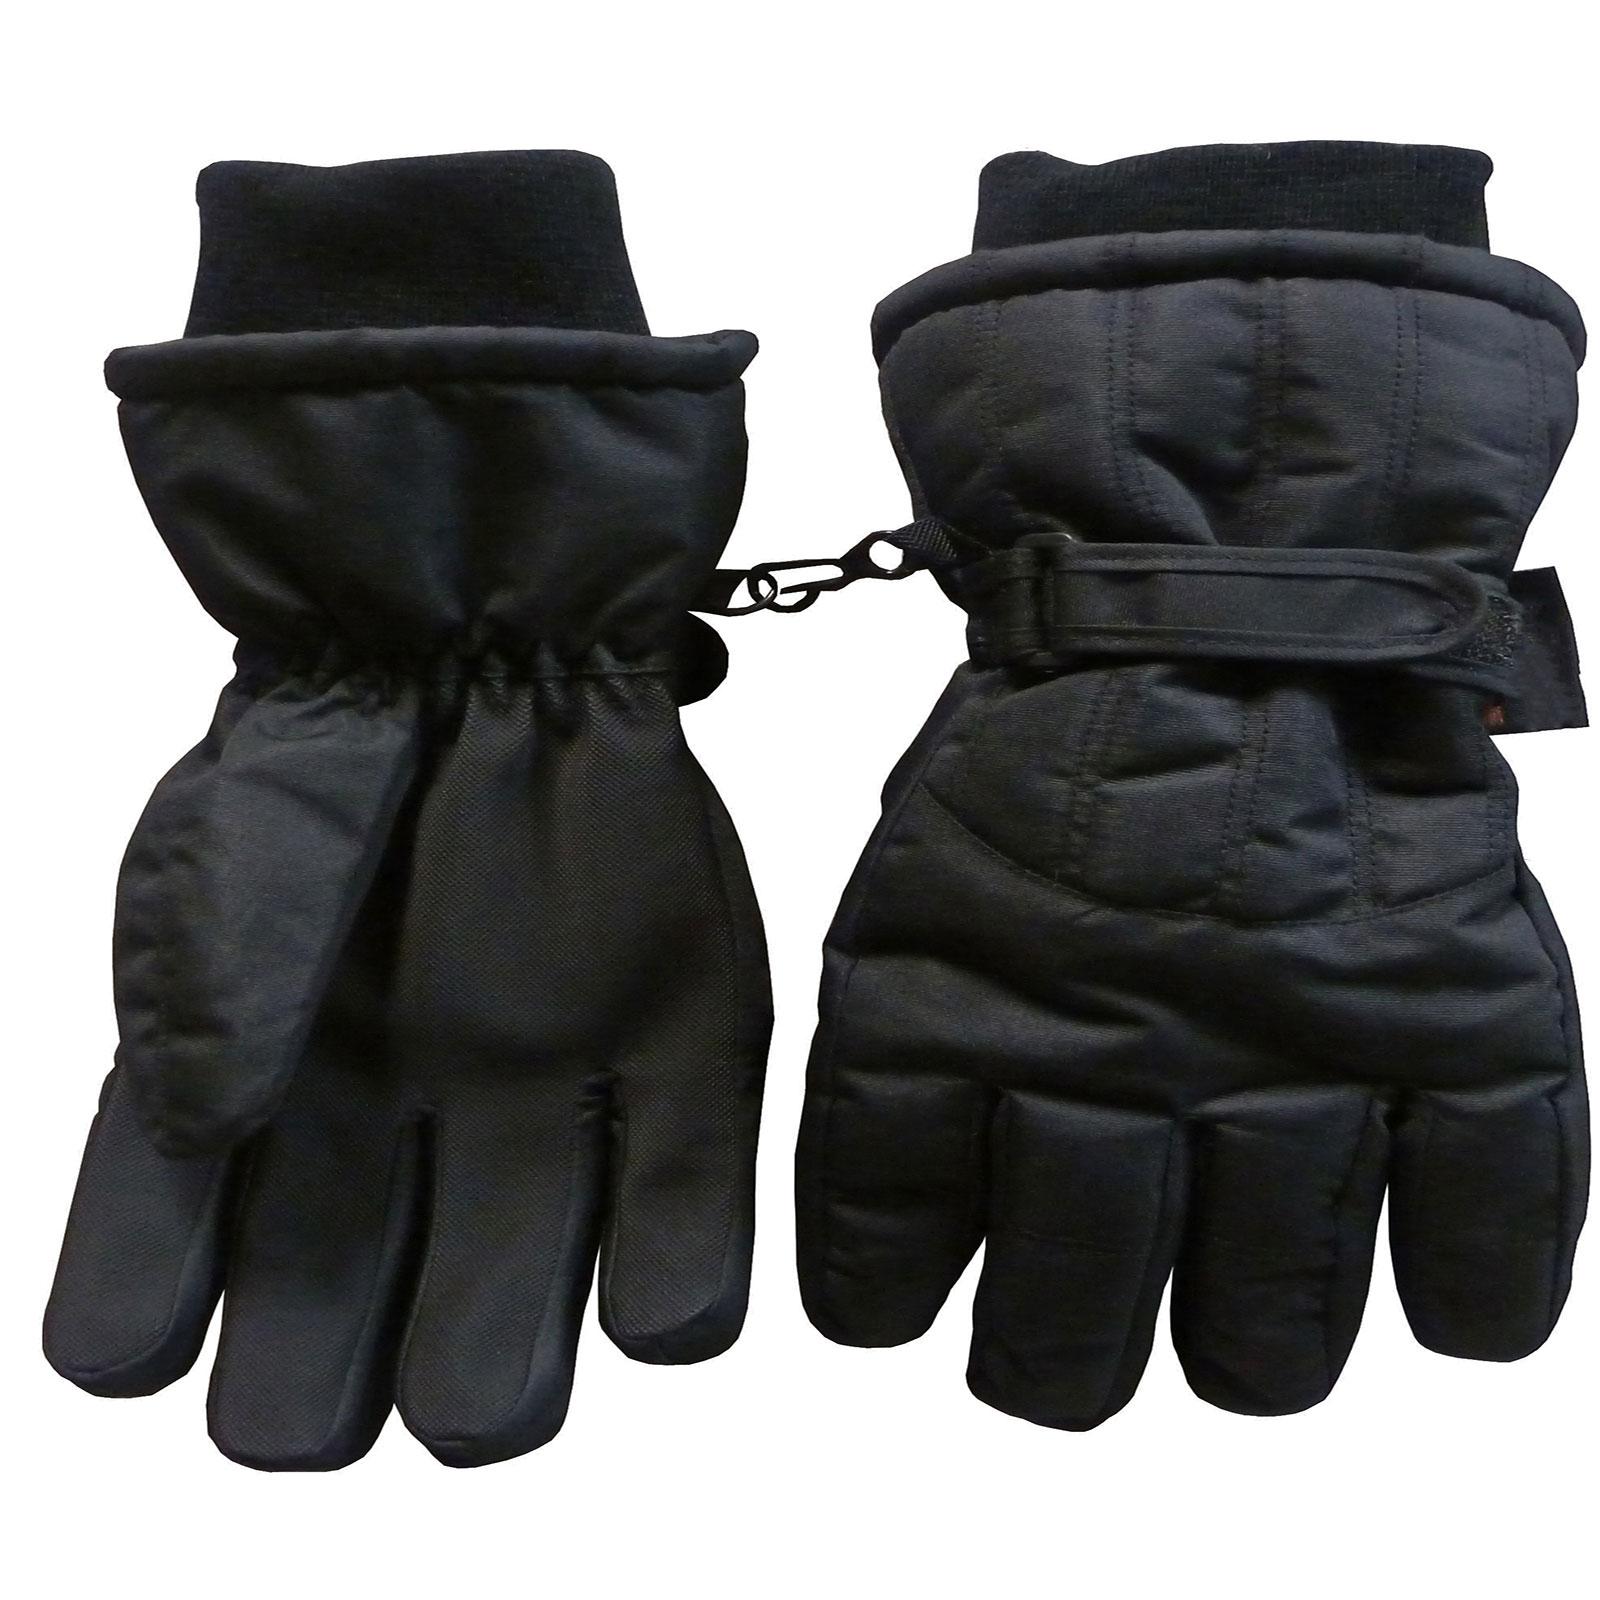 cold-weather-winter-snow-ski-snowboarder-glove